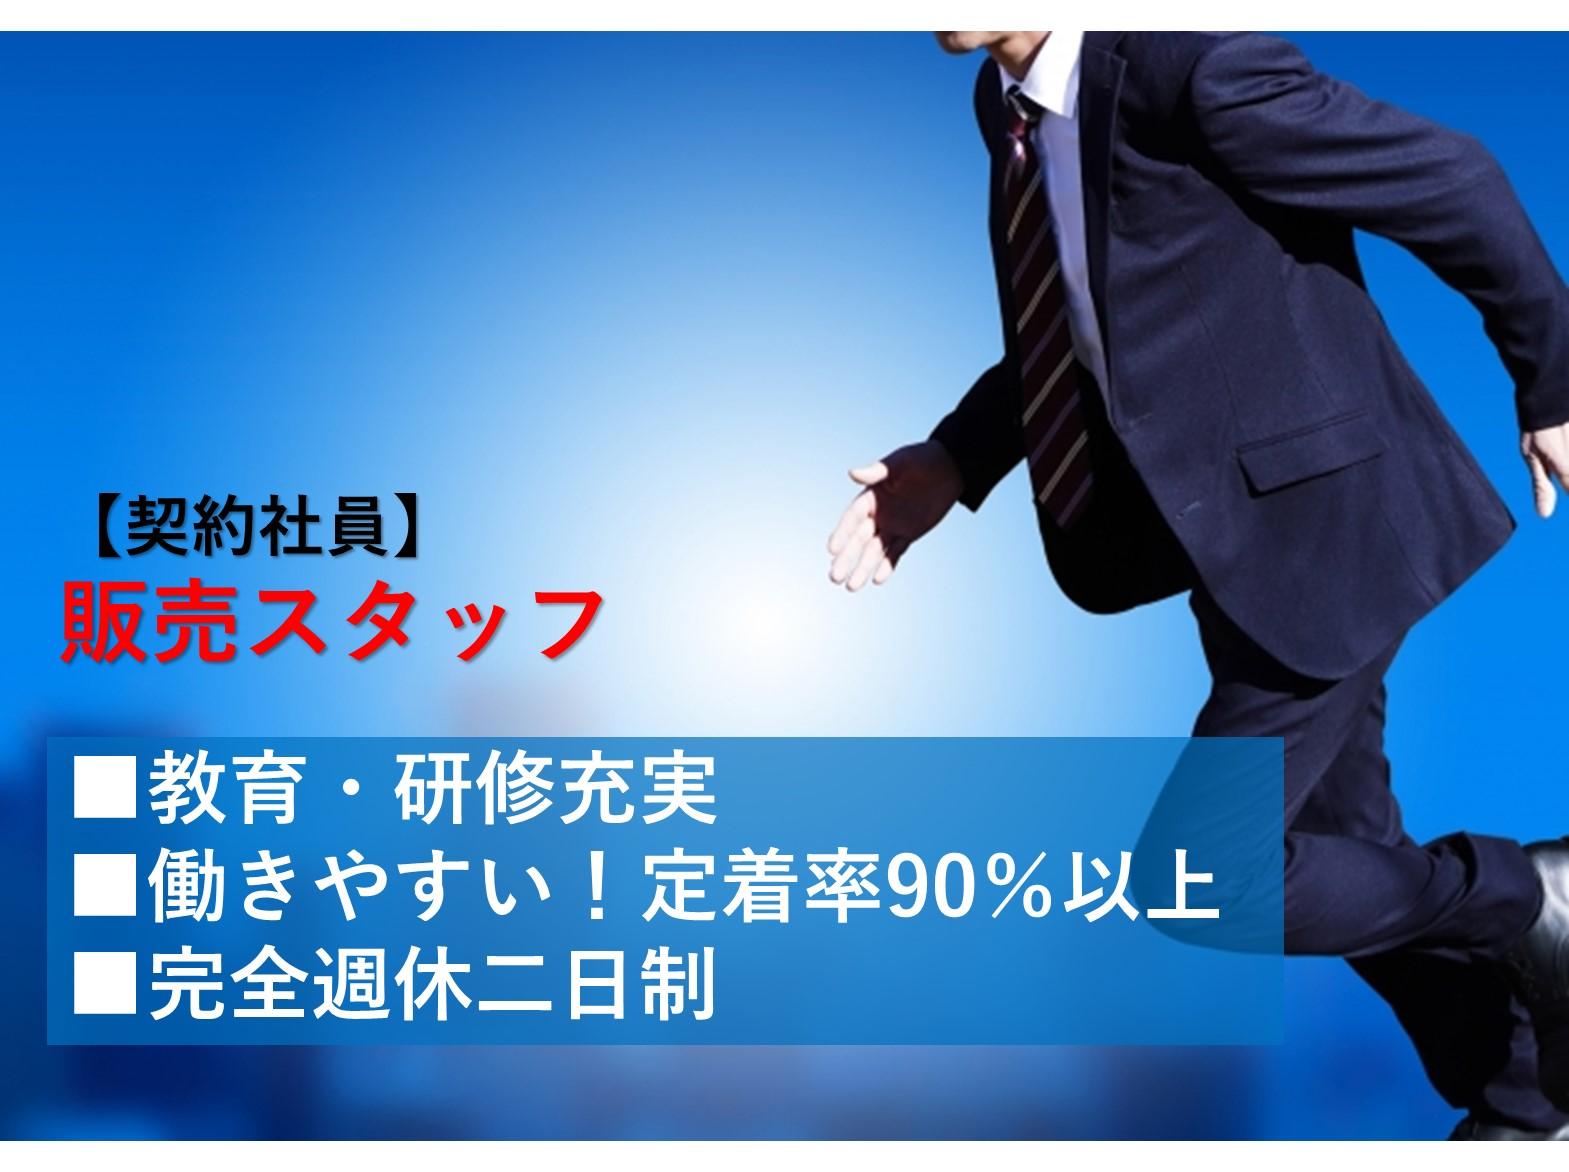 急募【契約社員】キャリアアップを目指す★定着率90%以上!販売スタッフ イメージ